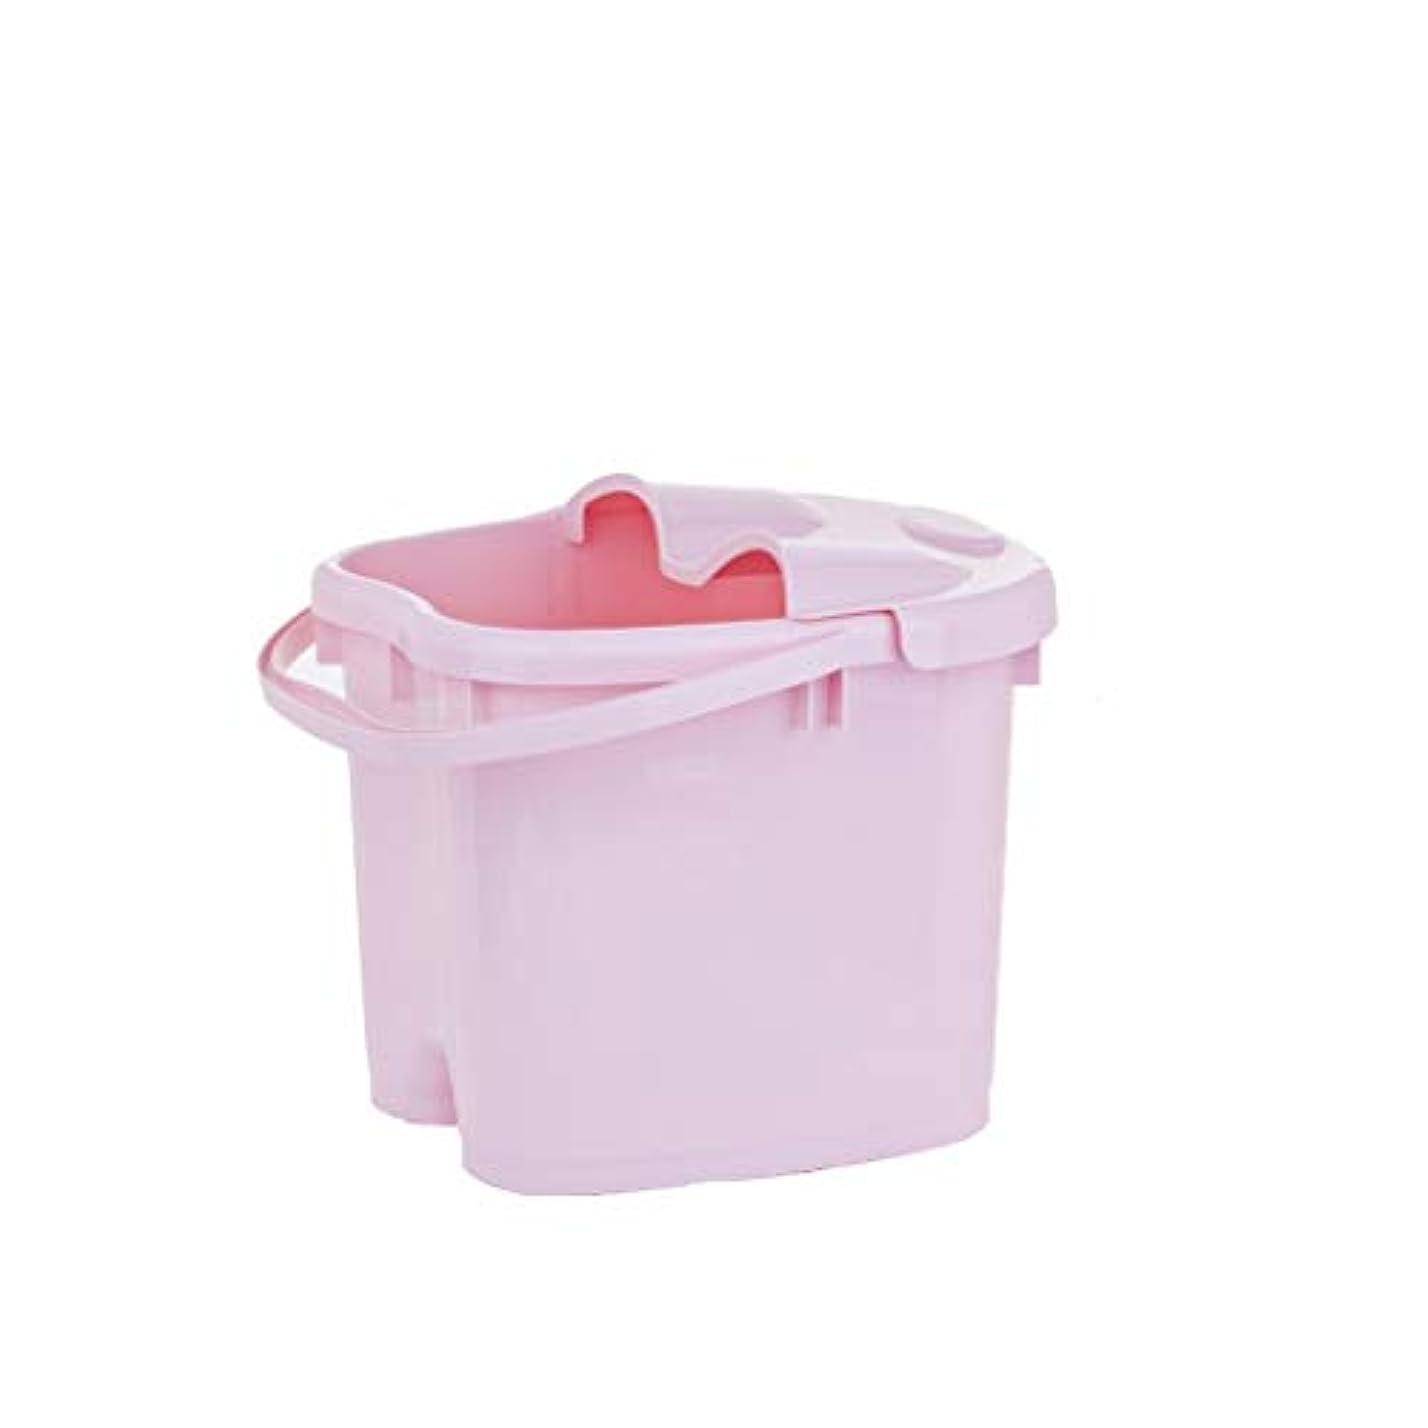 ライバル検出器単独でBB- ?AMT携帯用高まりのマッサージの浴槽のふたの熱保存のフィートの洗面器の世帯が付いている大人のフットバスのバケツ 0405 (色 : ピンク, サイズ さいず : 30.5cm high)